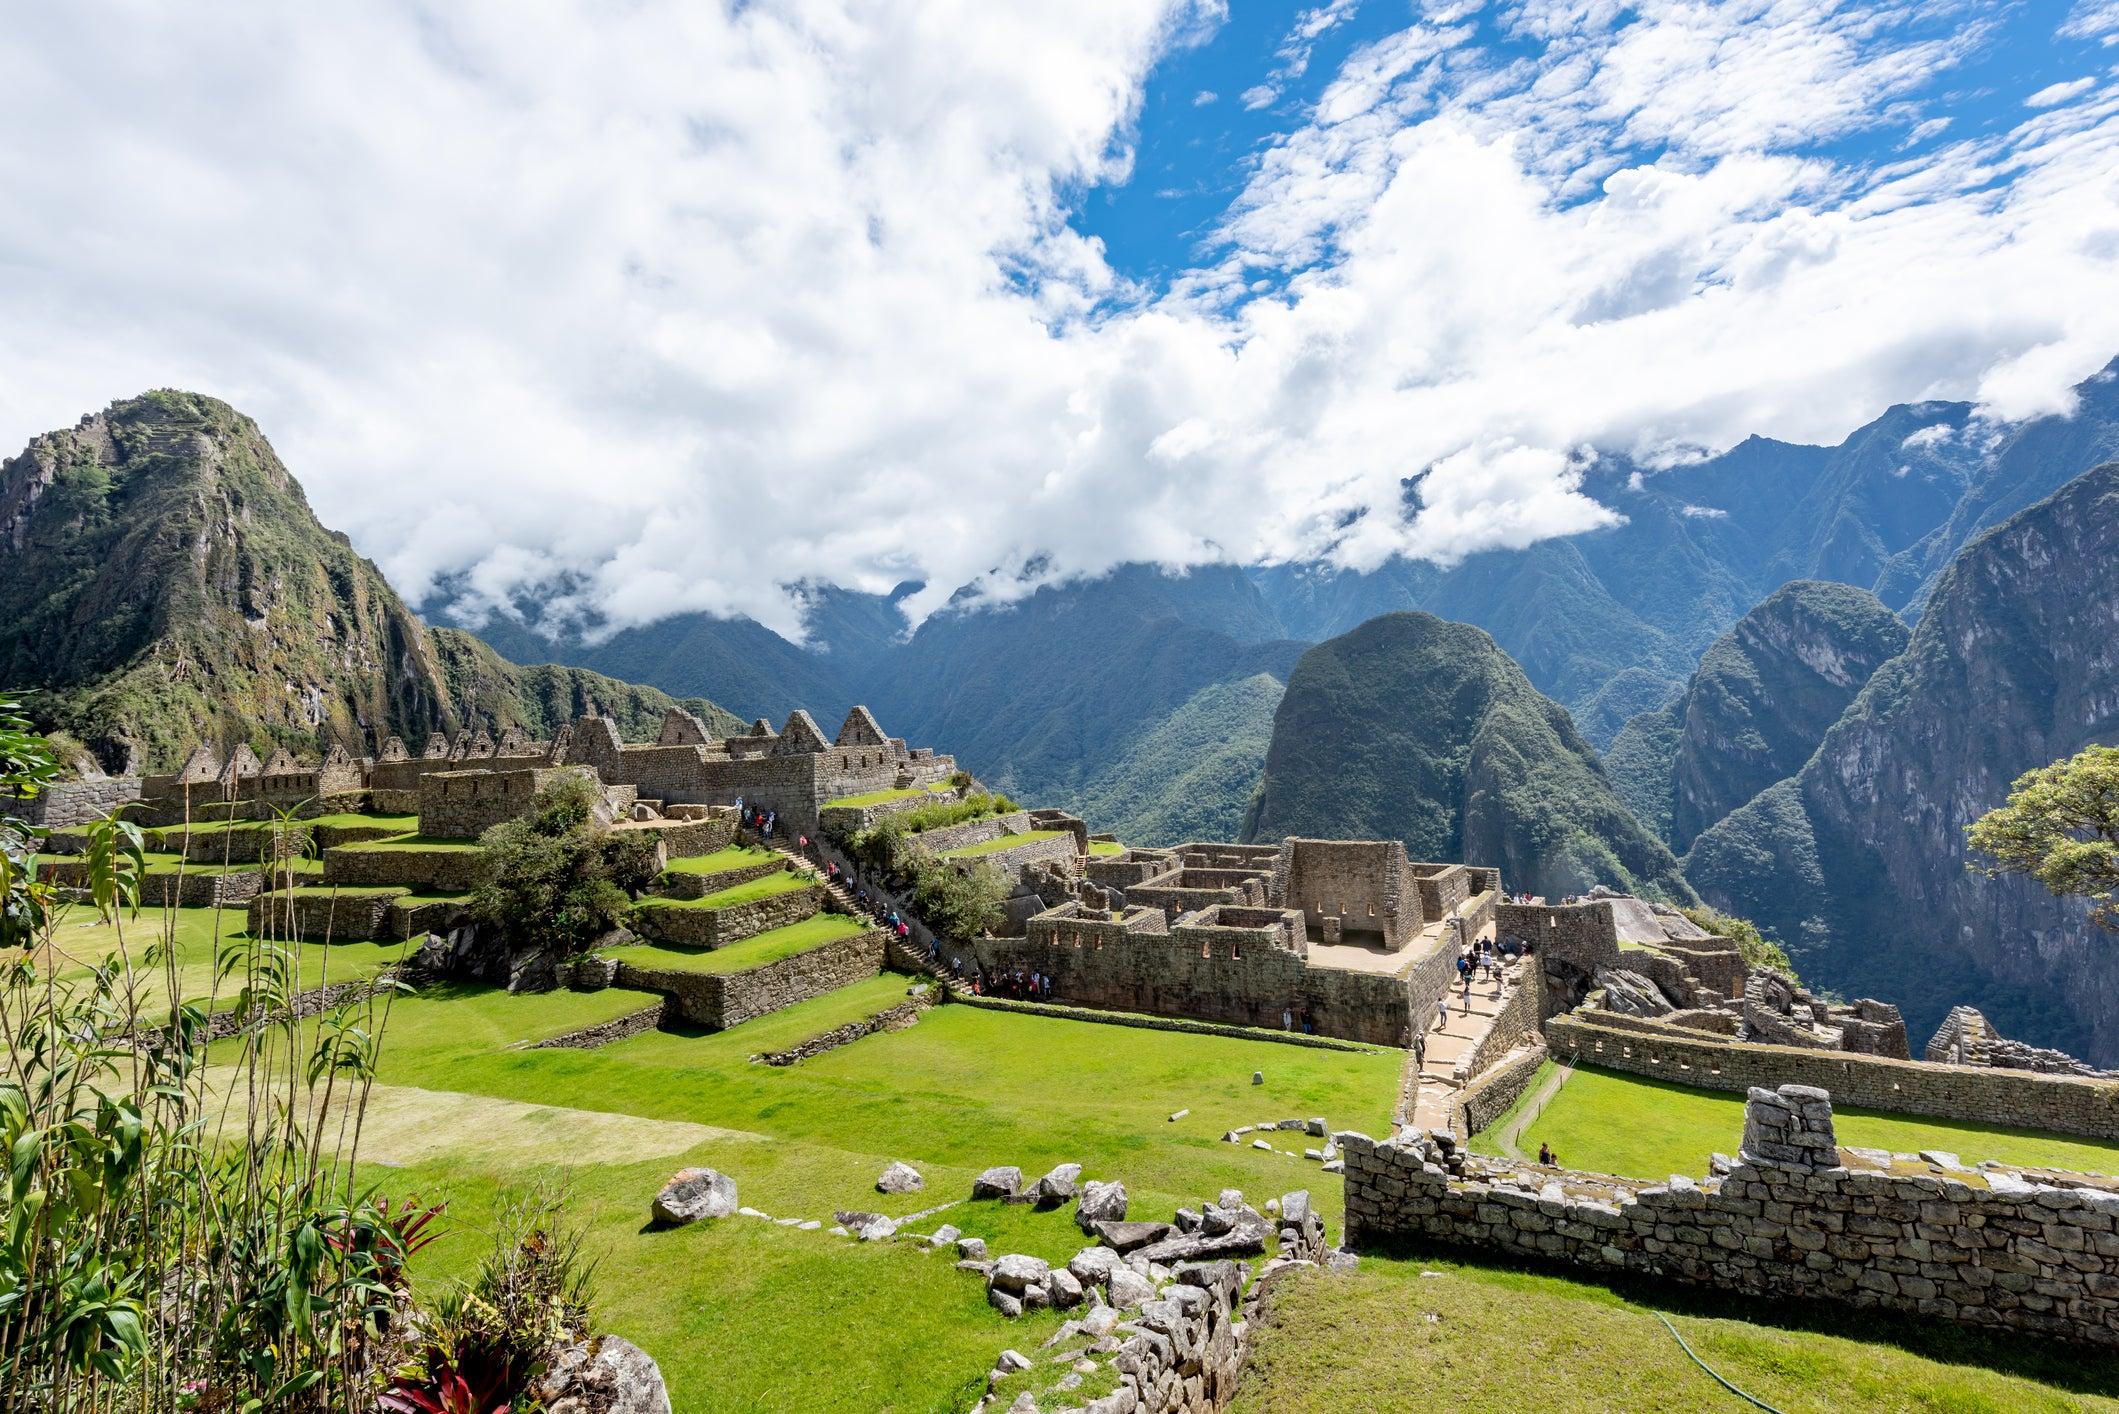 Deal alert: Flights to Peru from $190 round-trip through spring 2021